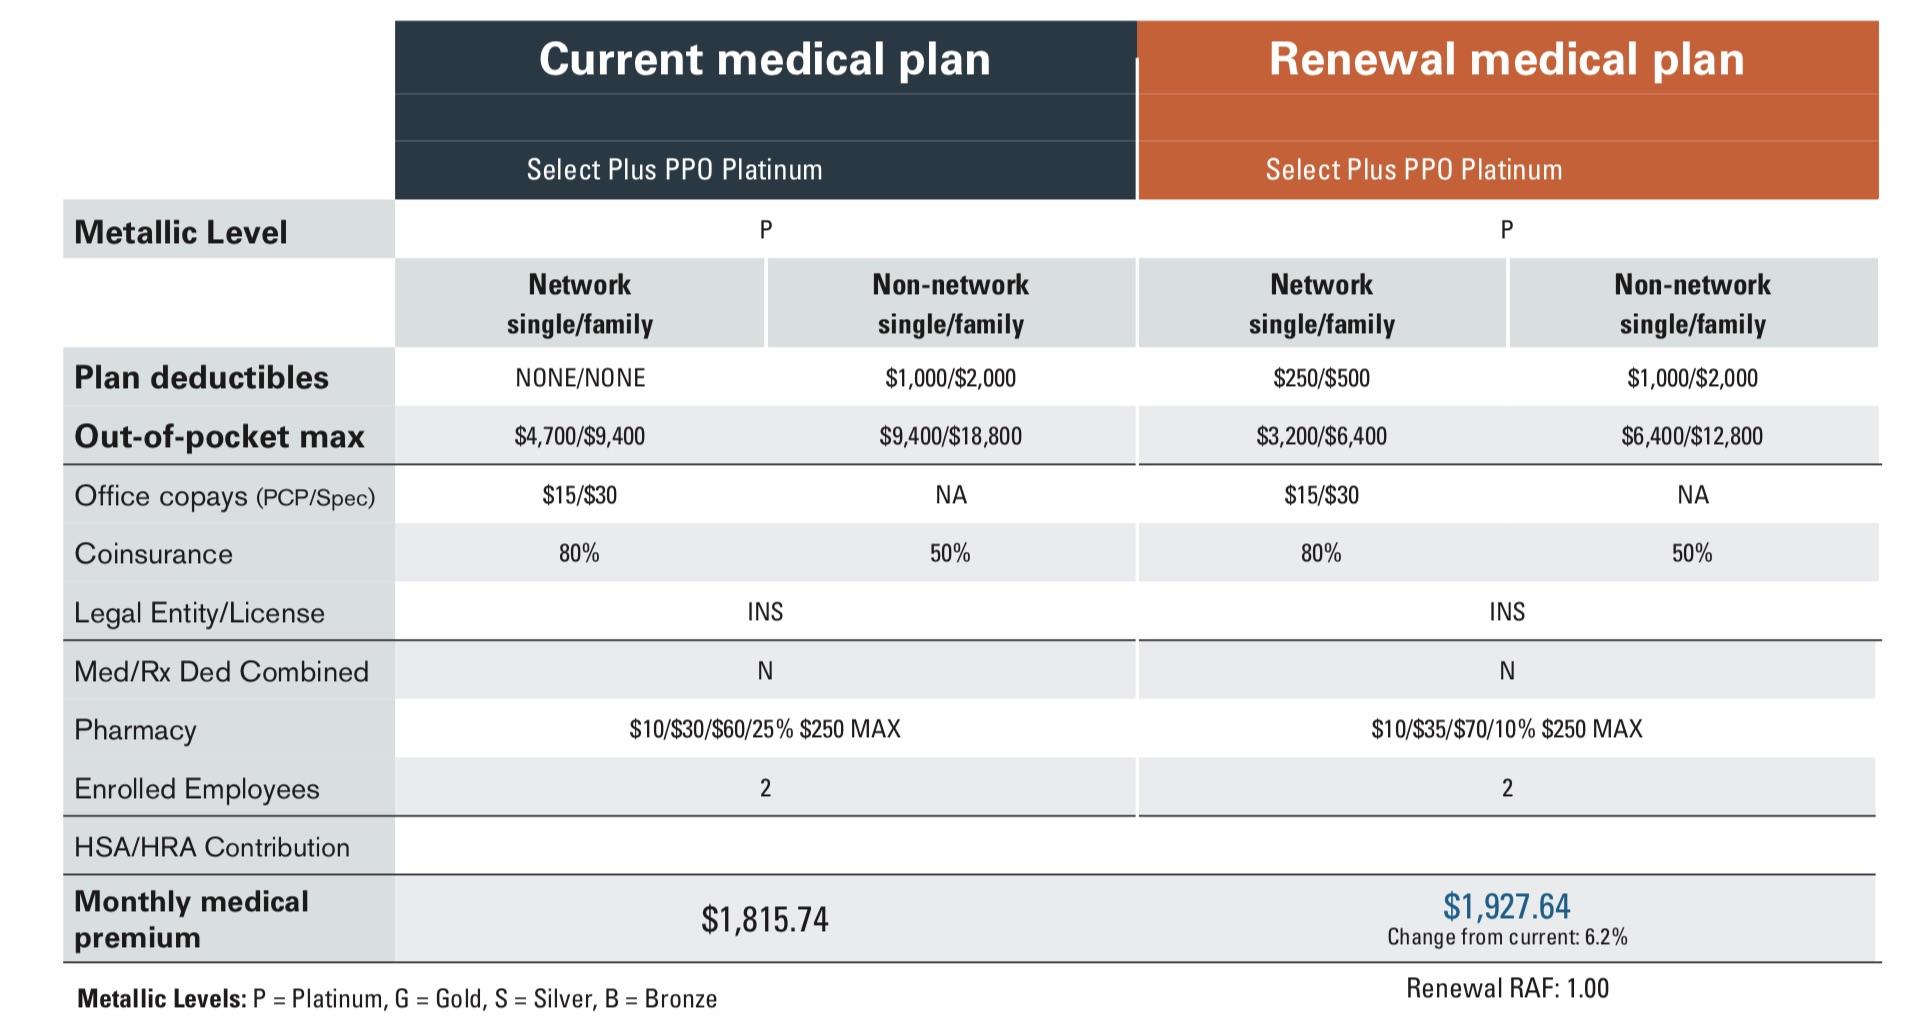 Current Medical Plan